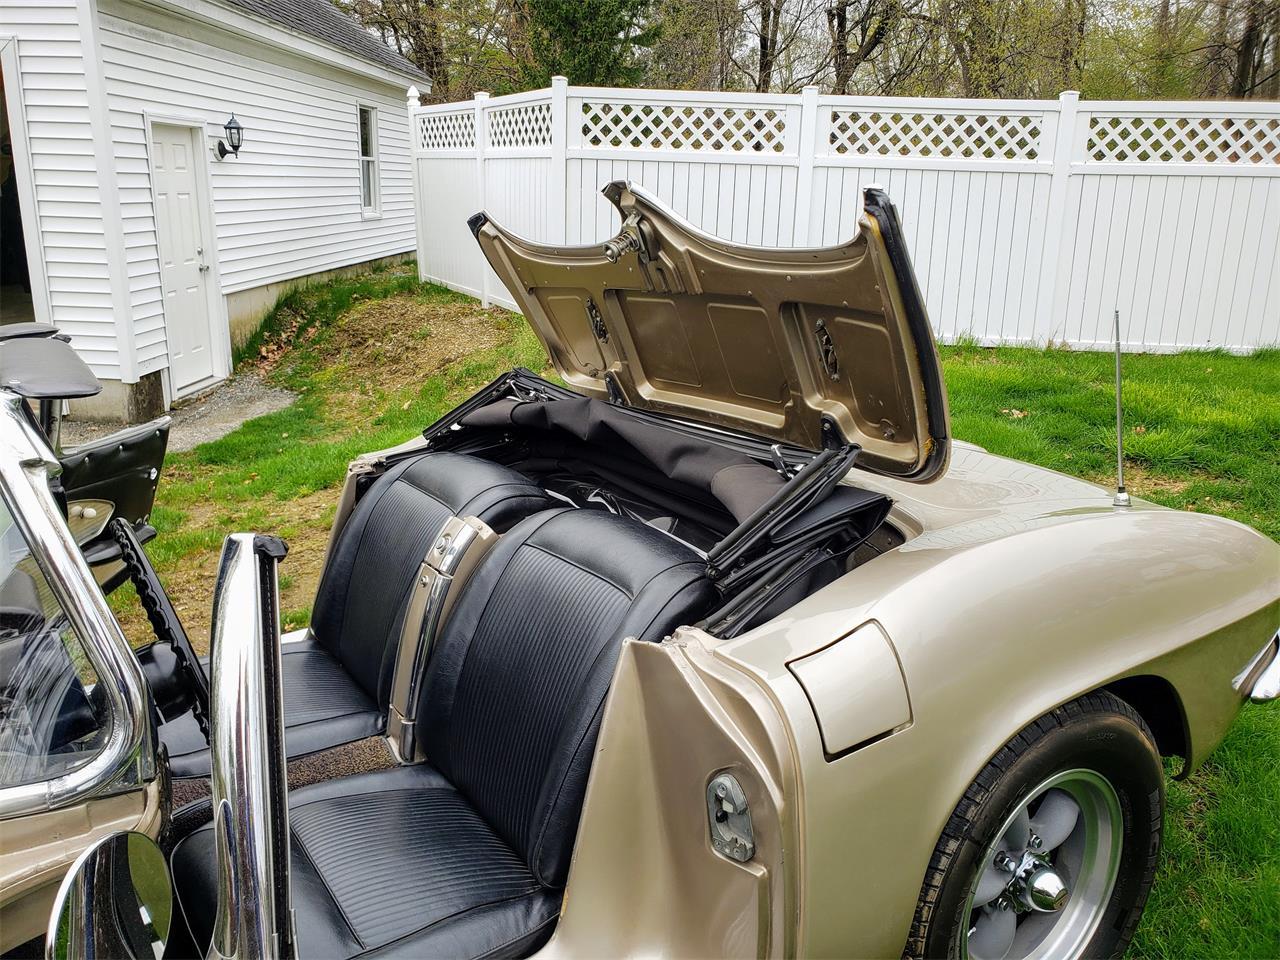 Large Picture of 1961 Chevrolet Corvette located in Marlboro Massachusetts - $58,000.00 - Q0QW